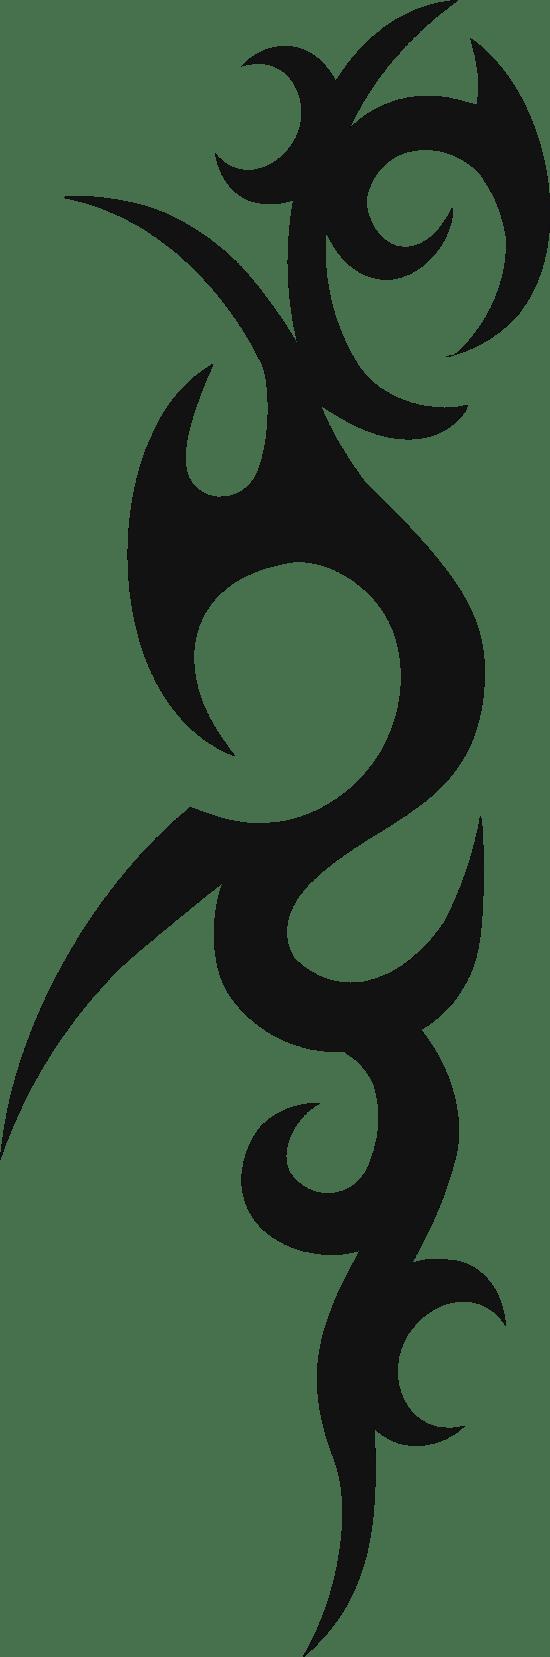 Spiny Tribal Tattoo